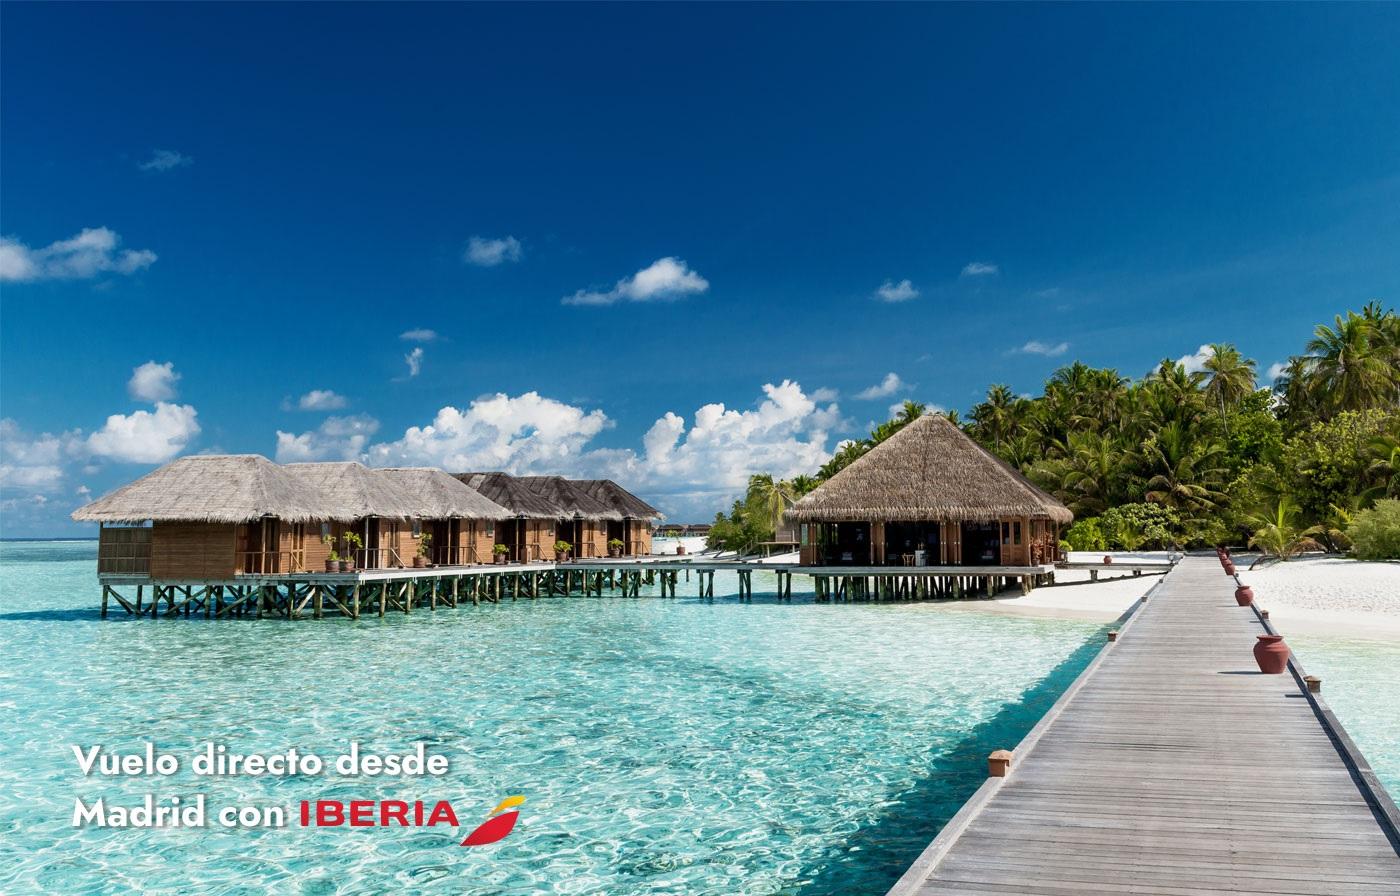 MALDIVAS - Vuelo directo